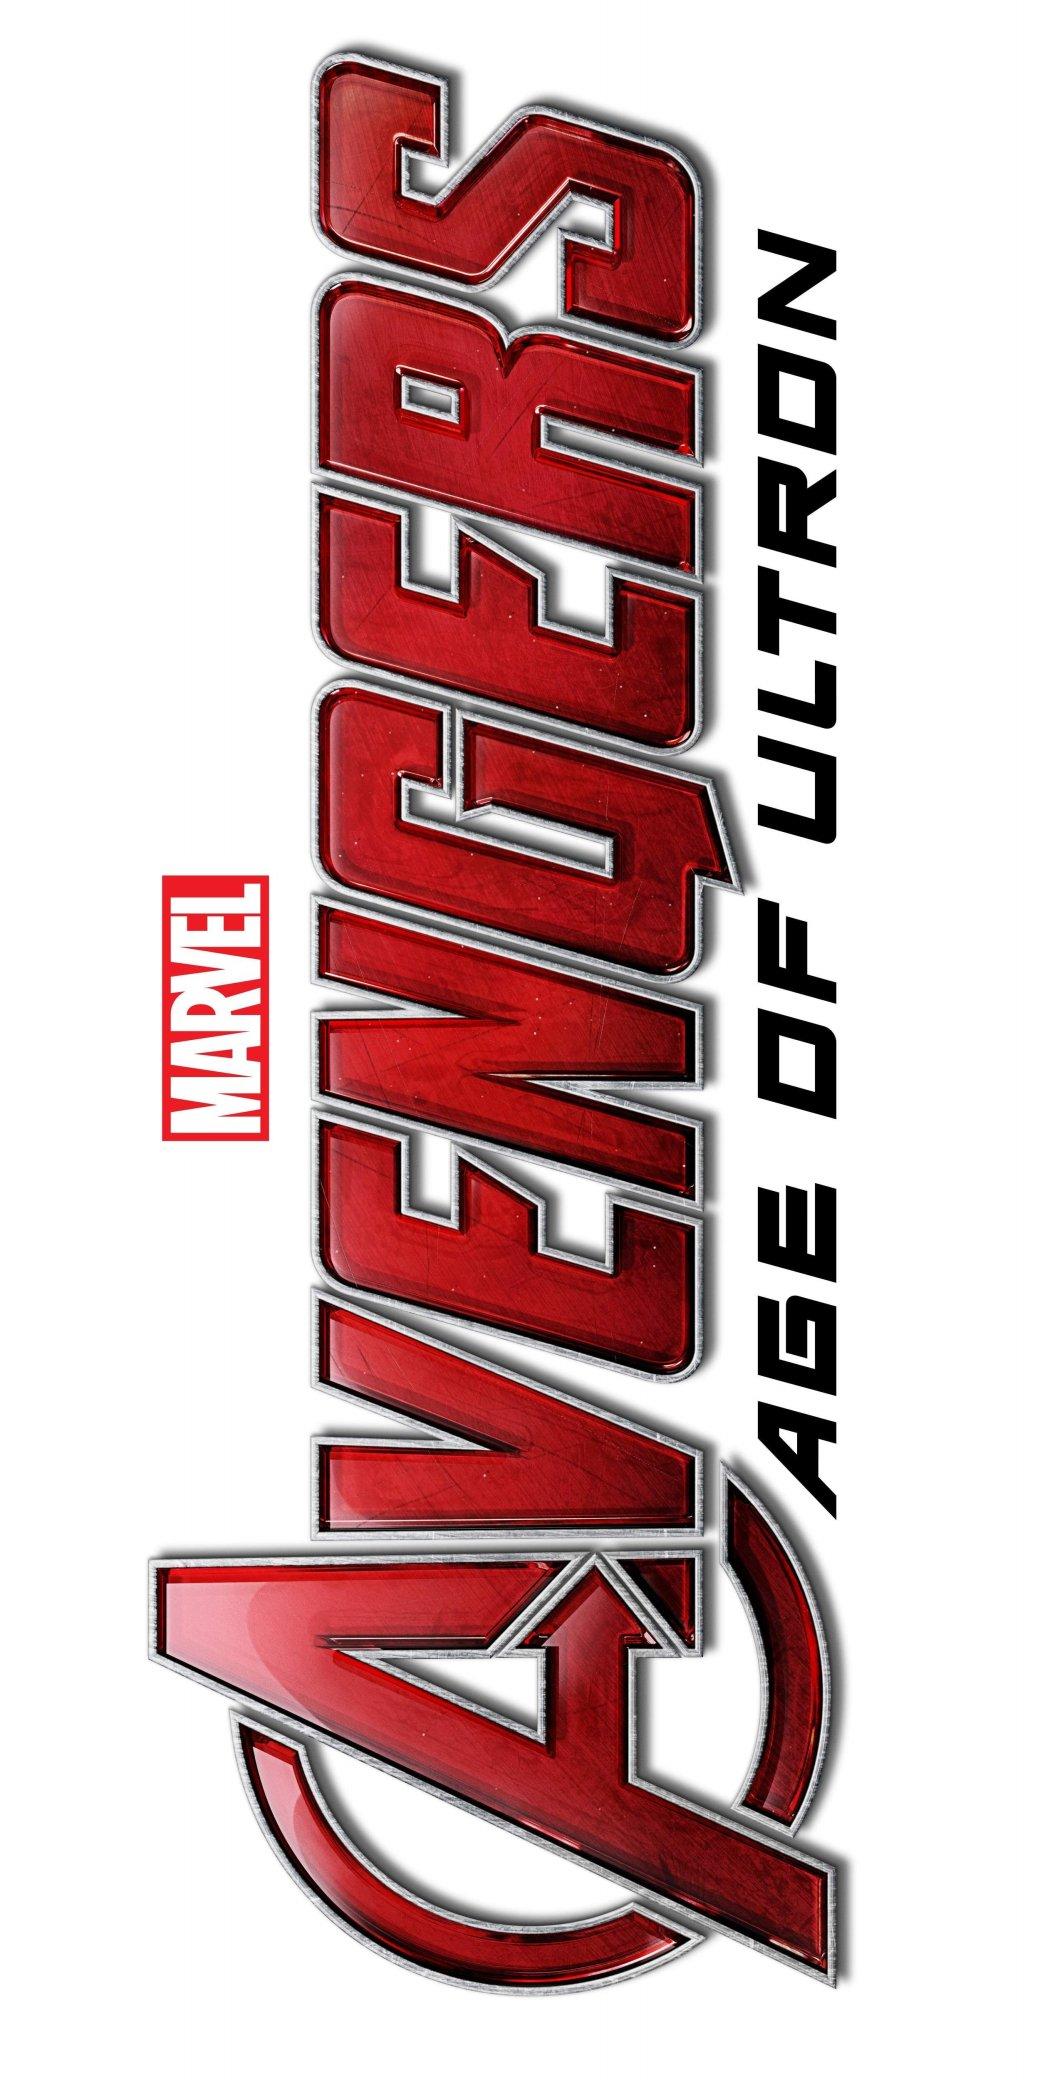 Disney на Comic Con: «Звездные Войны», «Мстители», «Человек-муравей» | Канобу - Изображение 7